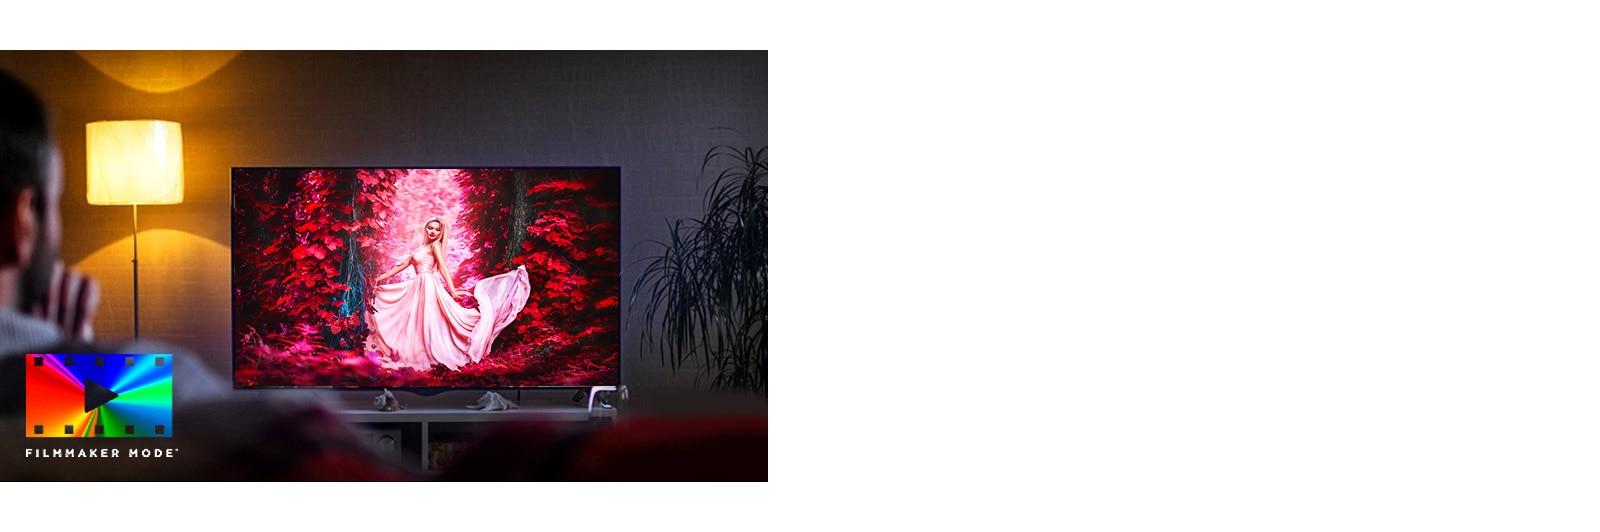 Un uomo seduto sul divano in soggiorno davanti a una scena colorata di un film sullo schermo del TV